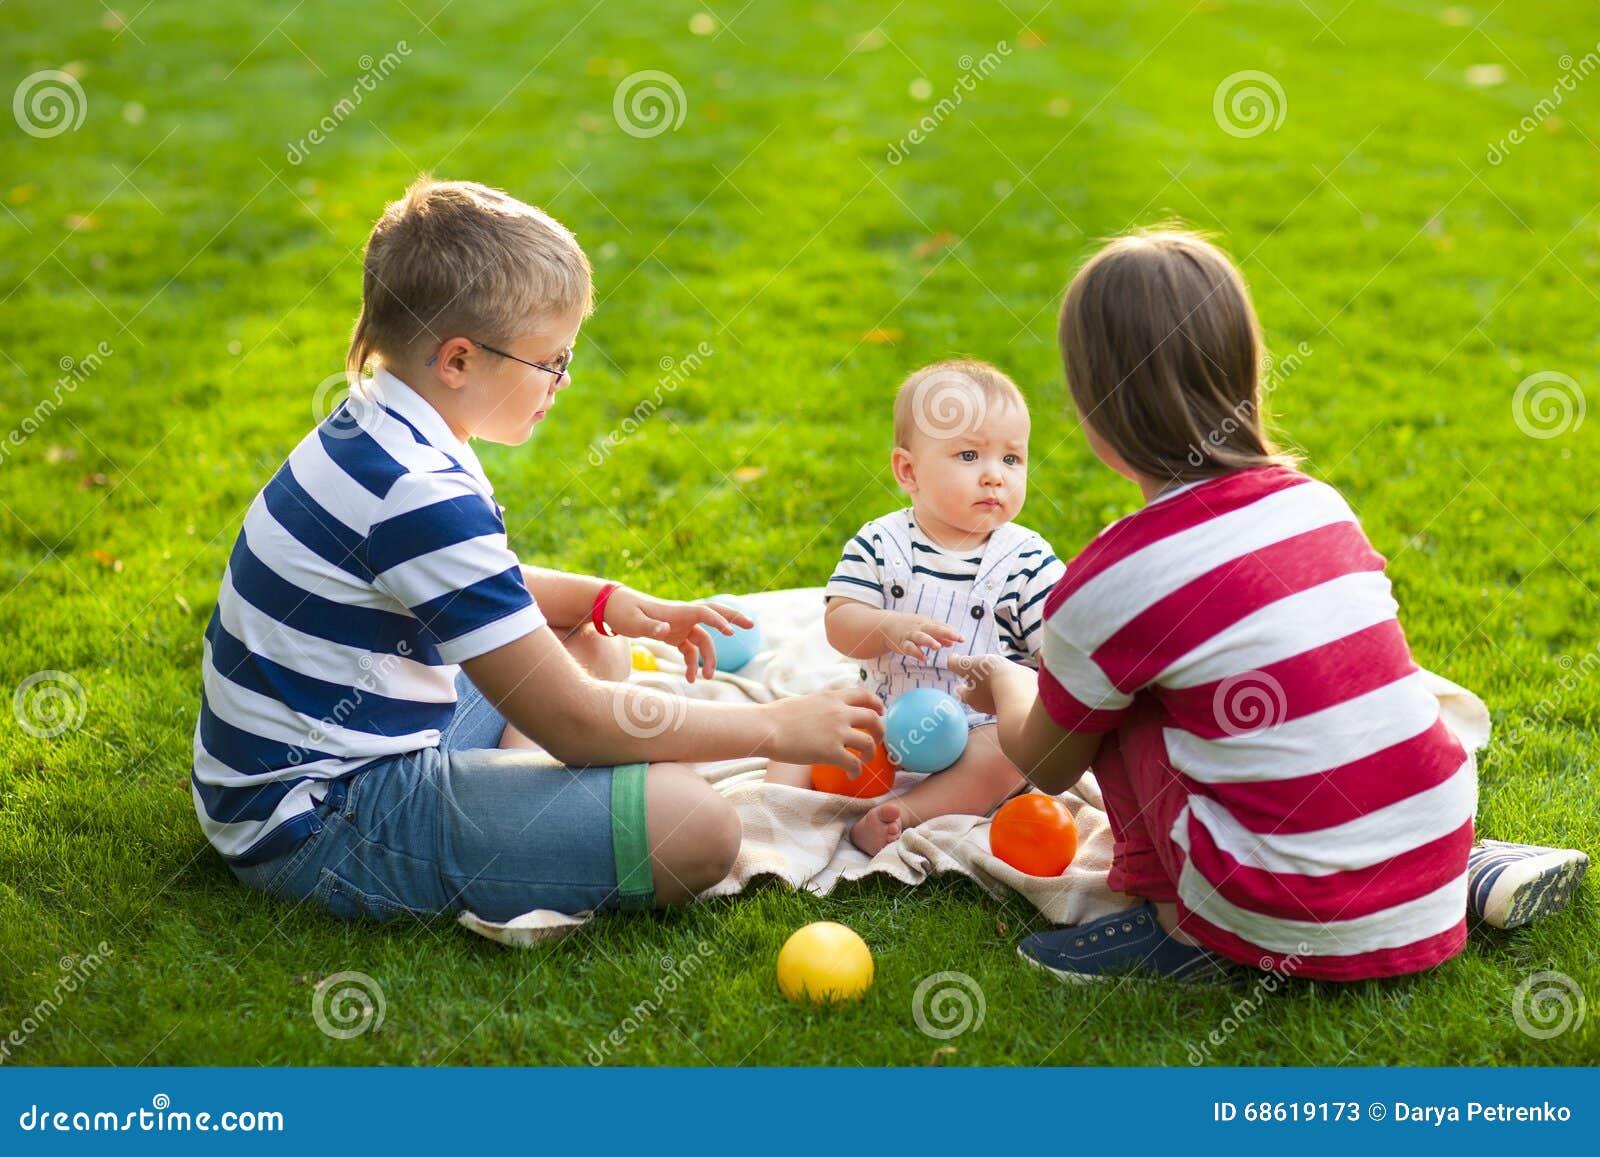 Happy children on green grass in summer park. Healthy lifestyles